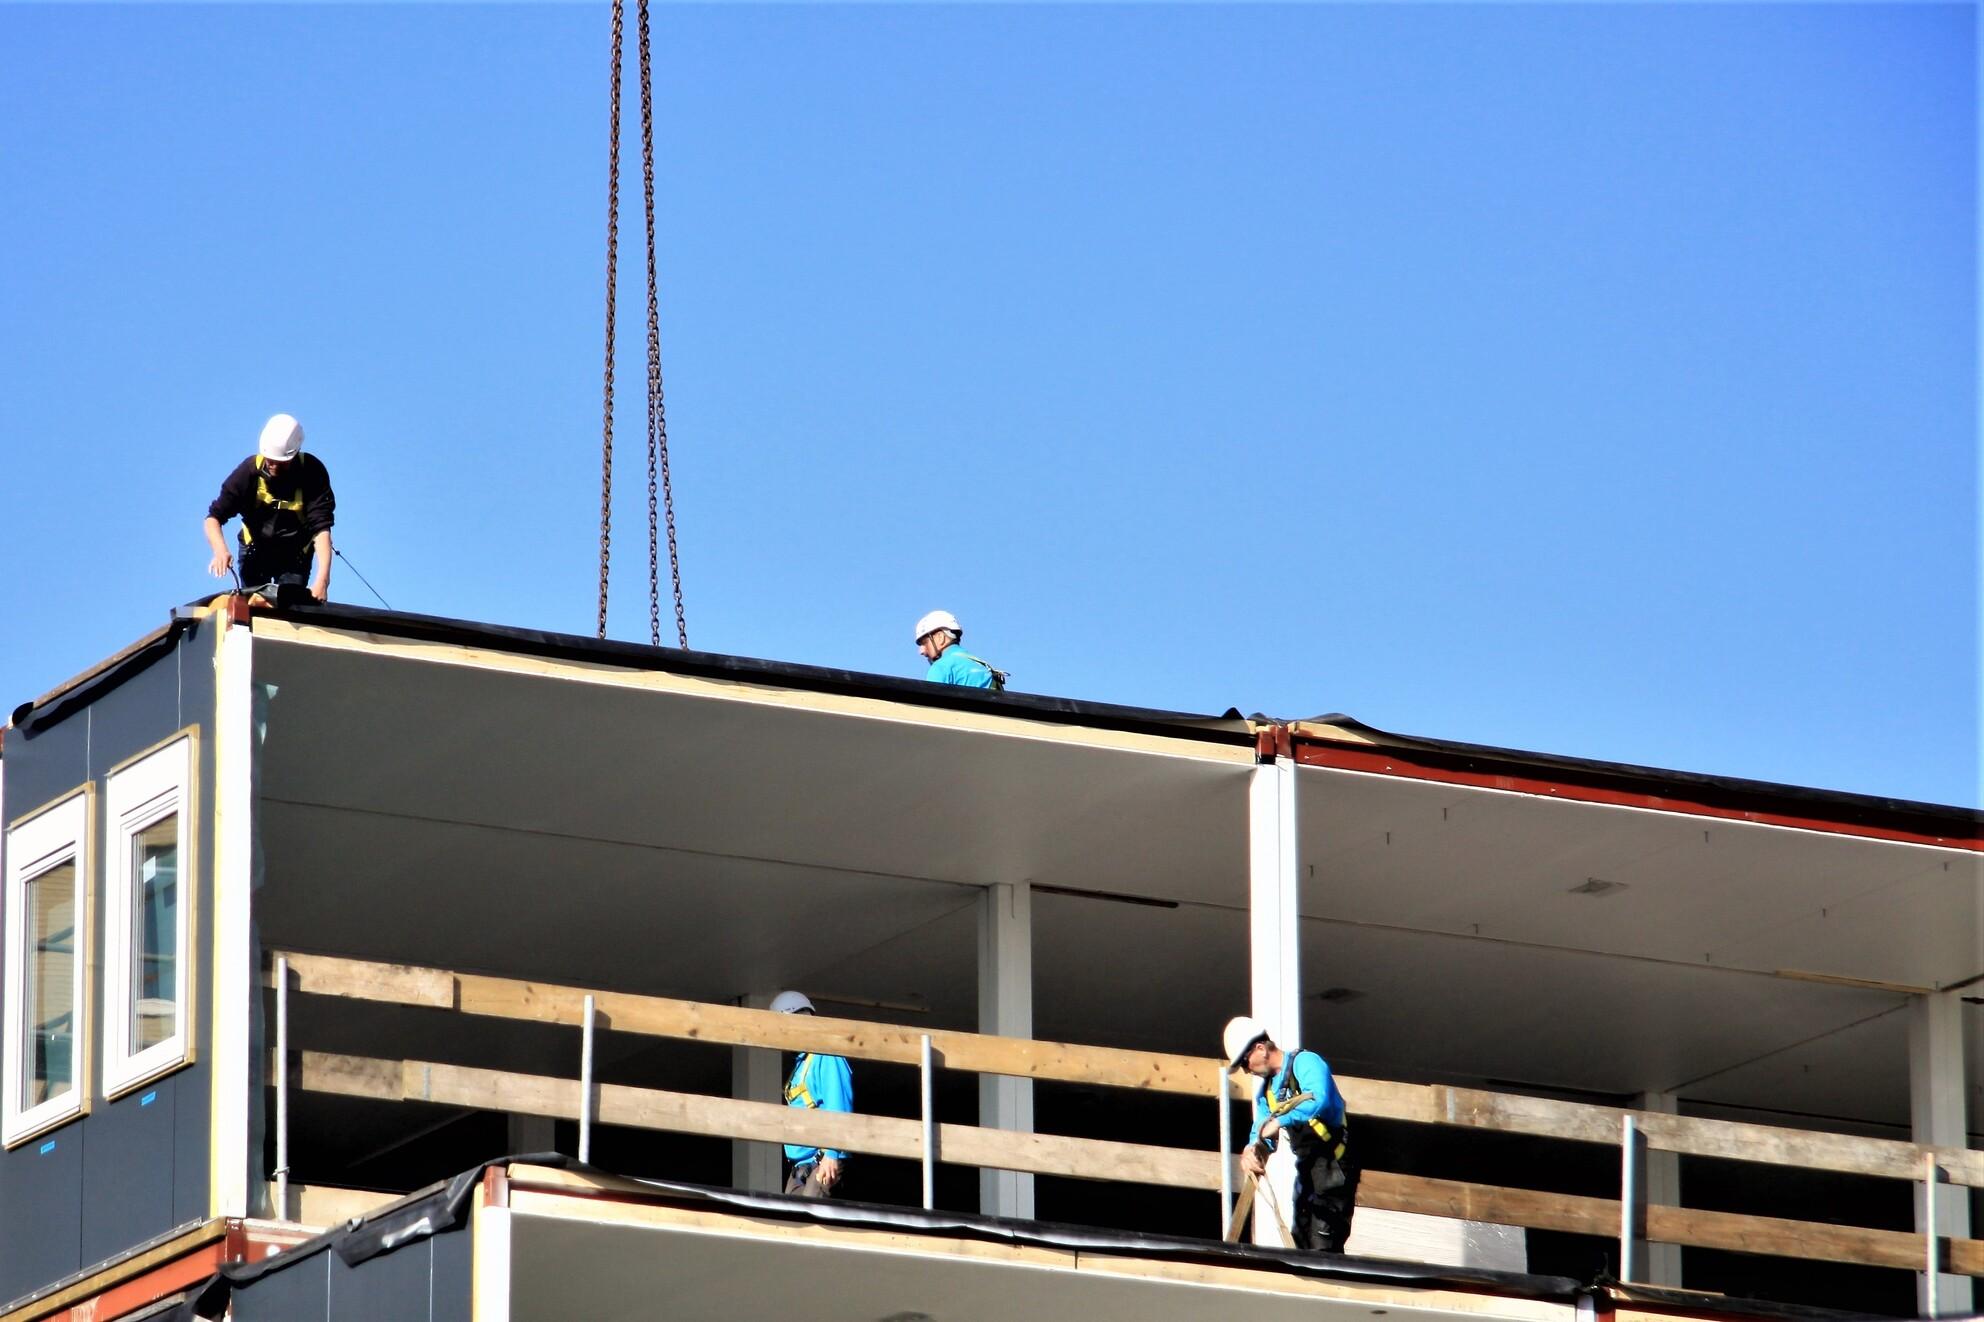 Op zijn plaats  - Op zijn plaats , vast zetten en en de volgende  Gtjs.AJ62  - foto door AJ62 op 07-04-2021 - locatie: Westeinde, Den Haag, Nederland - deze foto bevat: lucht, gebouw, venster, facade, gas, dak, naval architectuur, huis, schaduw, gemengd gebruik